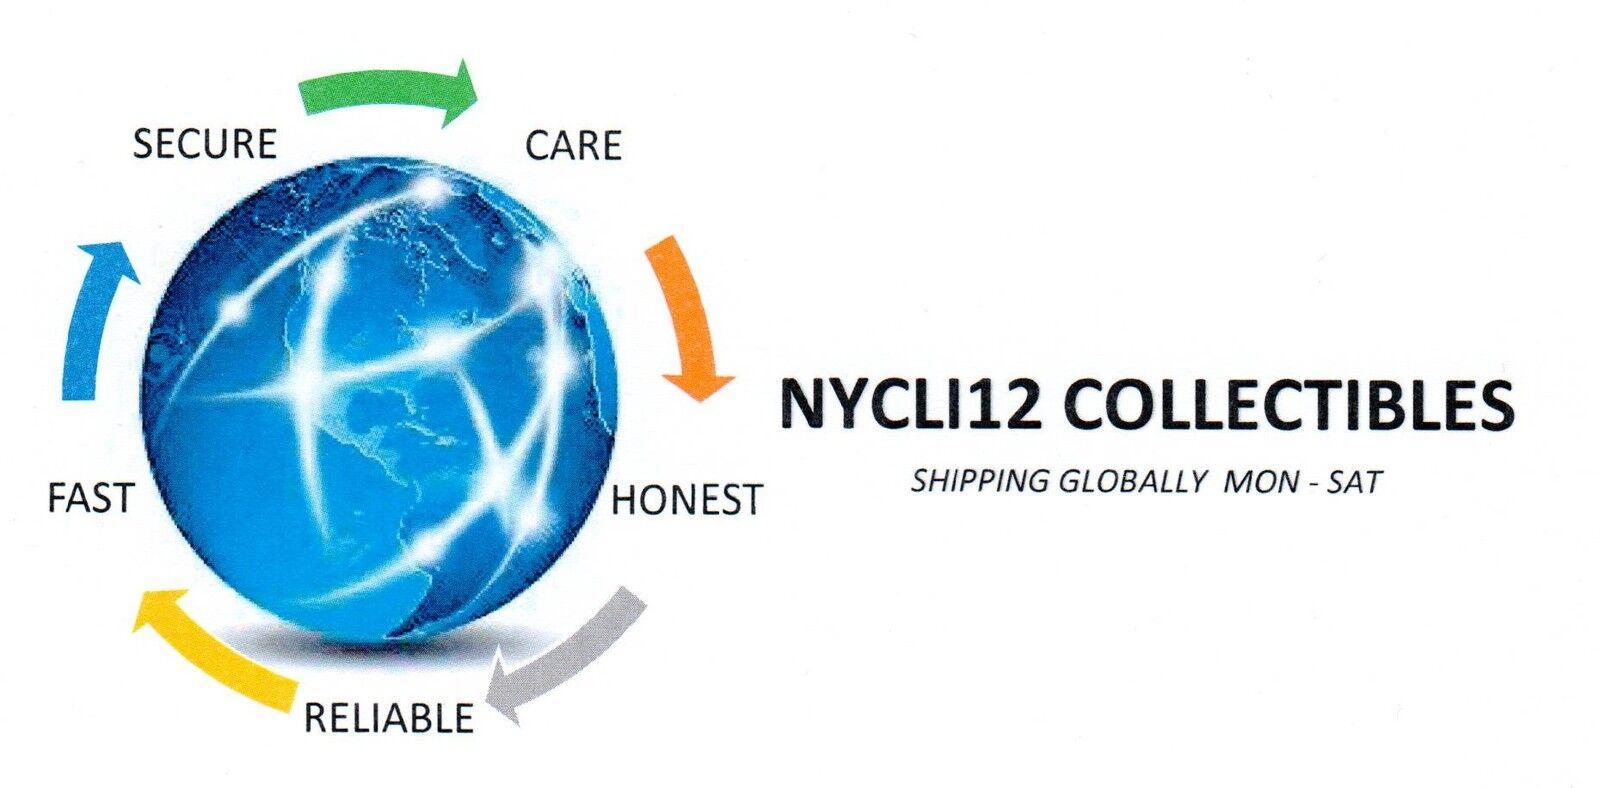 nycli12